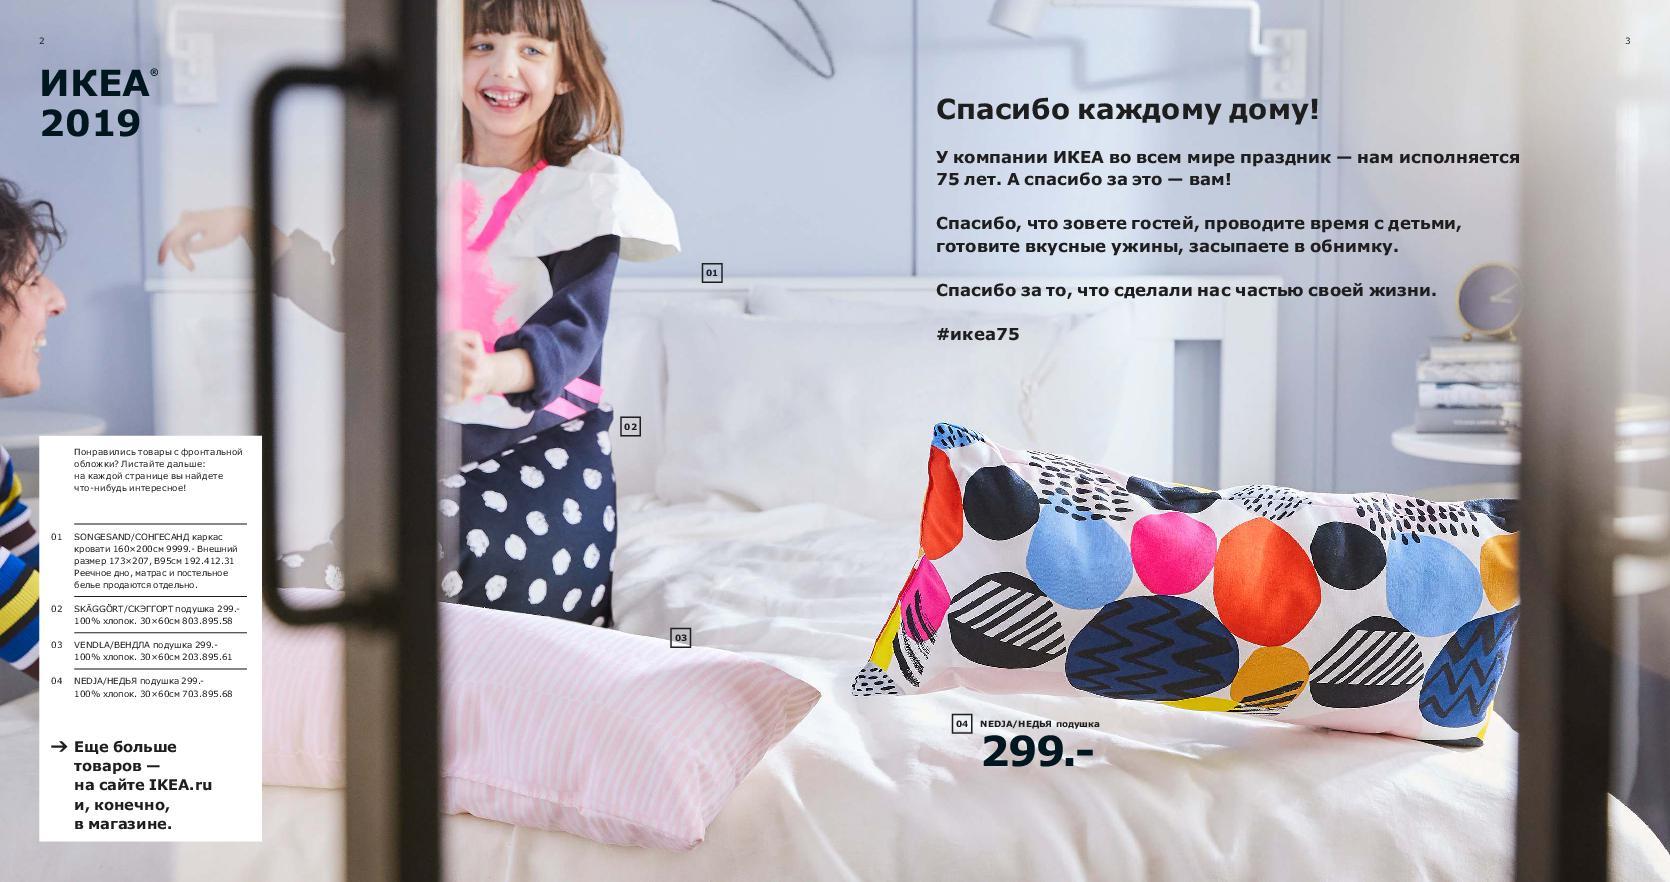 IKEA_catalogue_2019-02